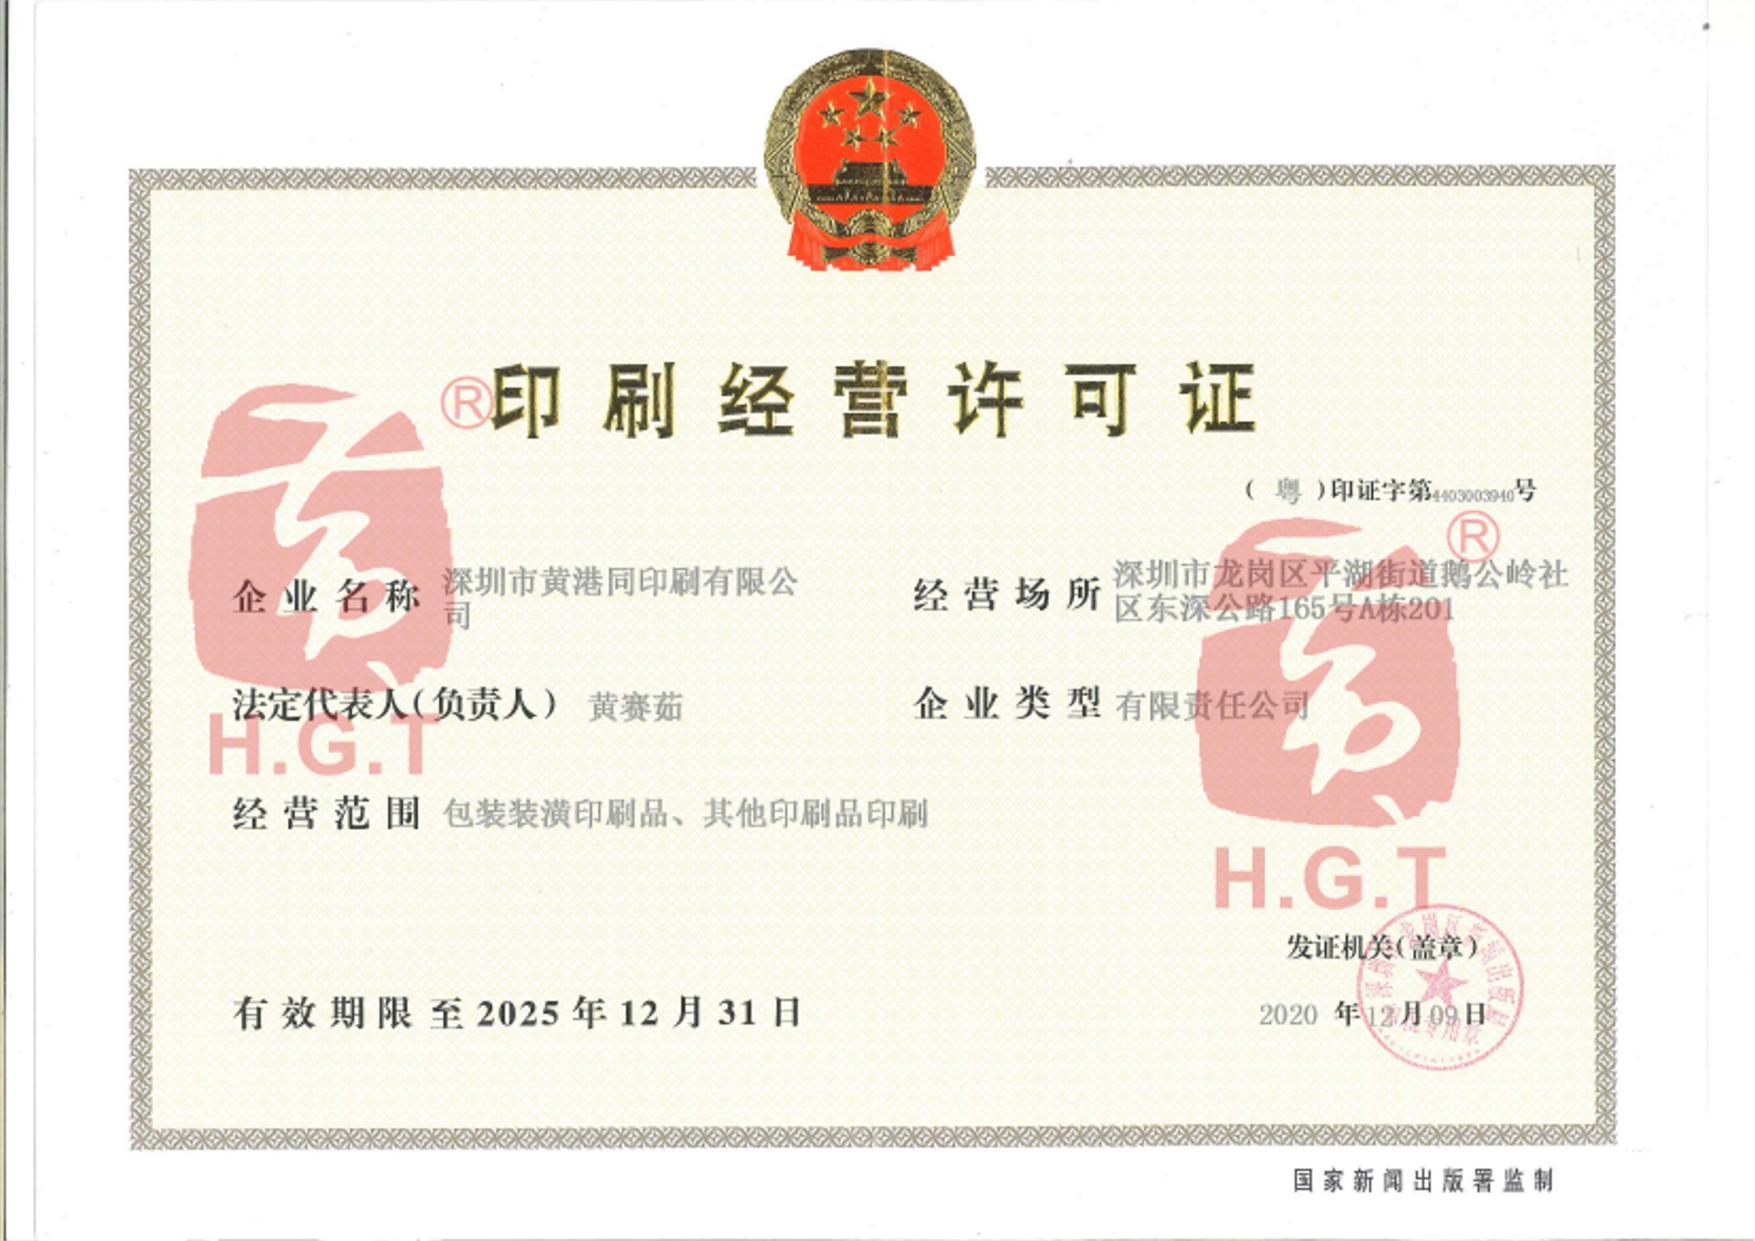 黄港同印刷经营许可证